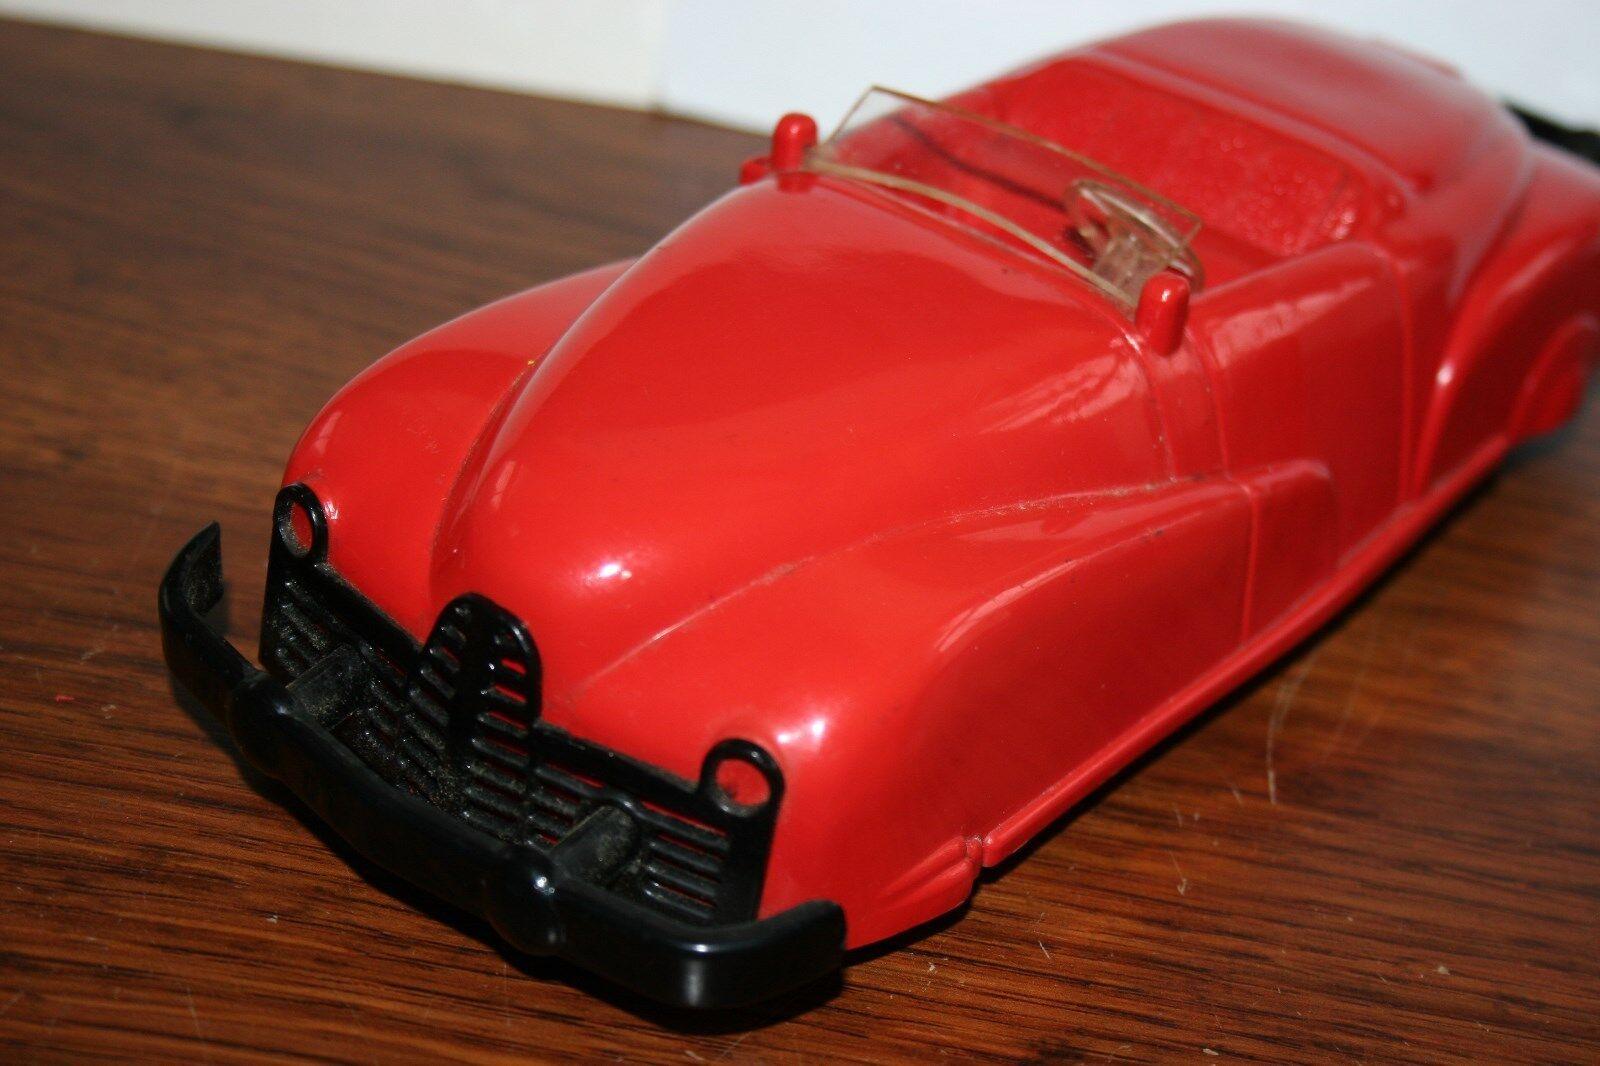 Rara De Colección Década de de de 1950 bumpmobile Motorizada Con Pilas Converdeible 773fc0